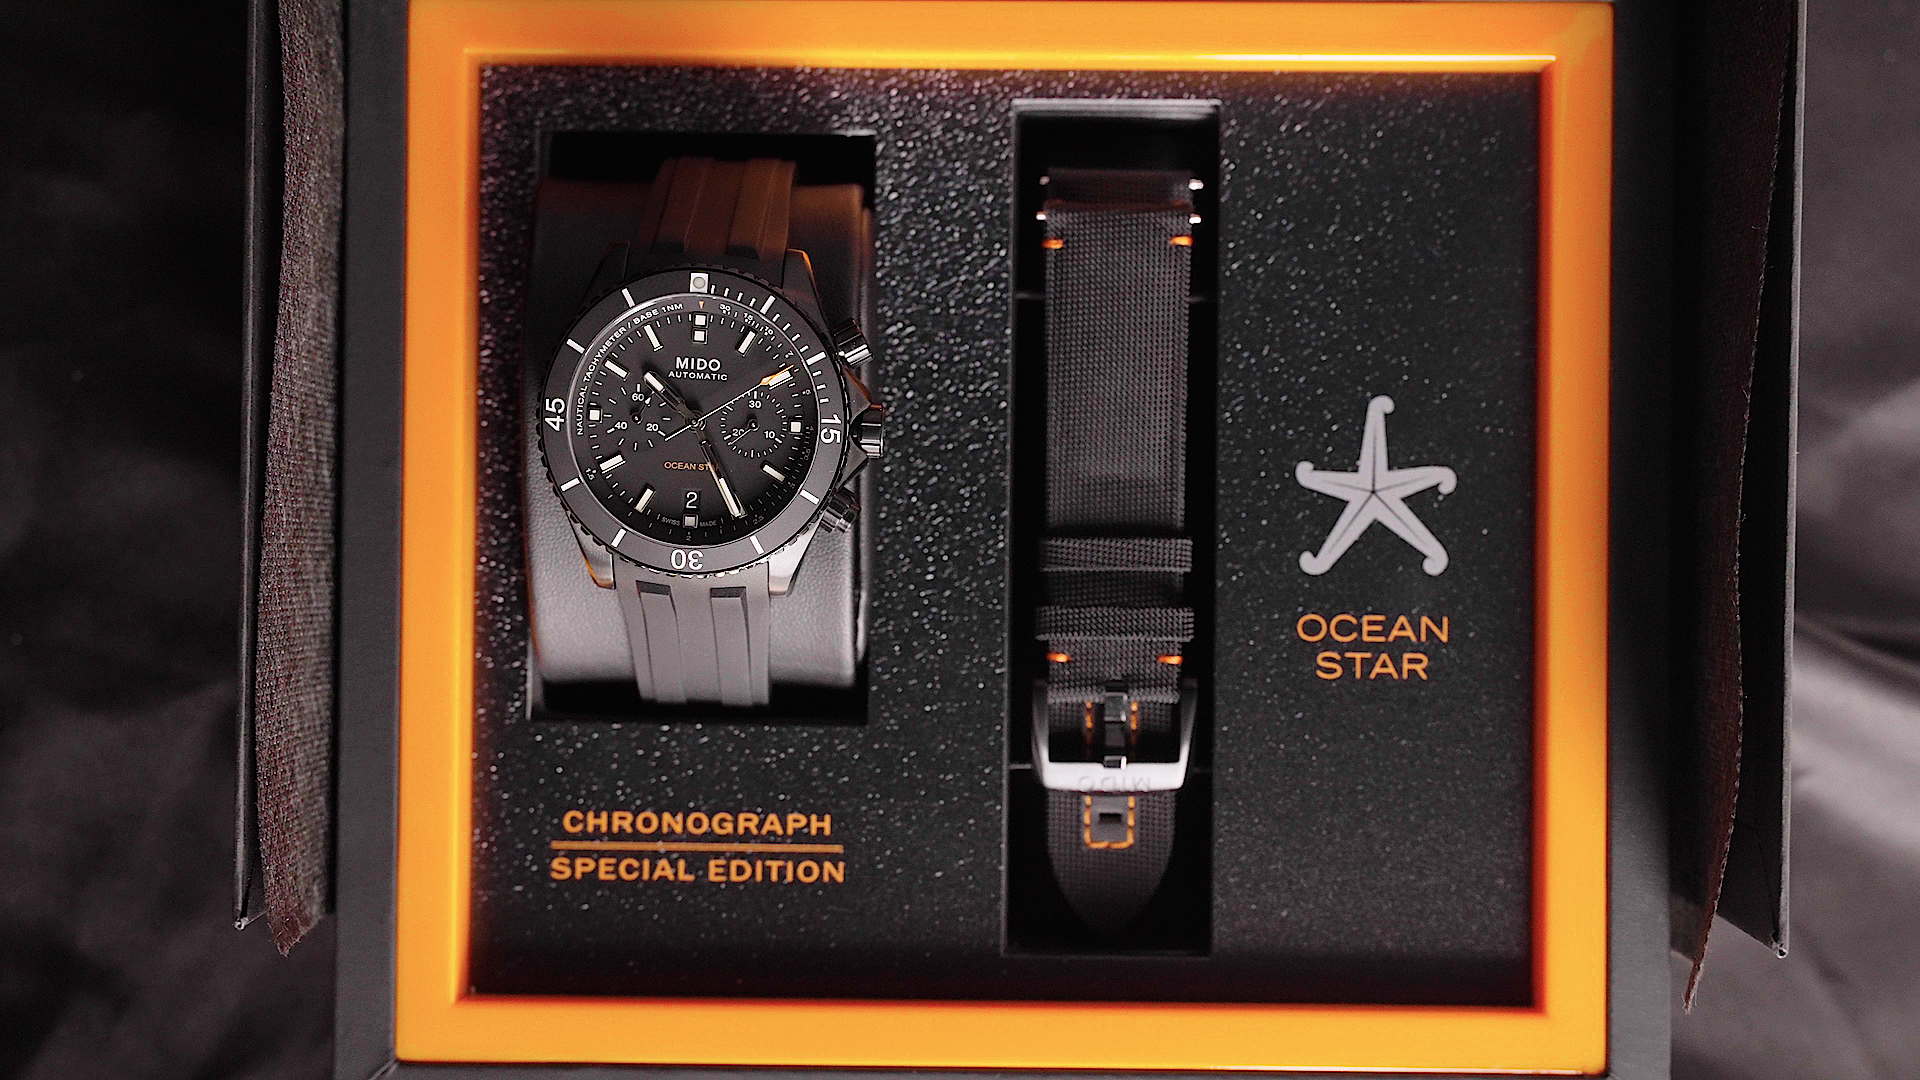 Mido Ocean Star Chronograph